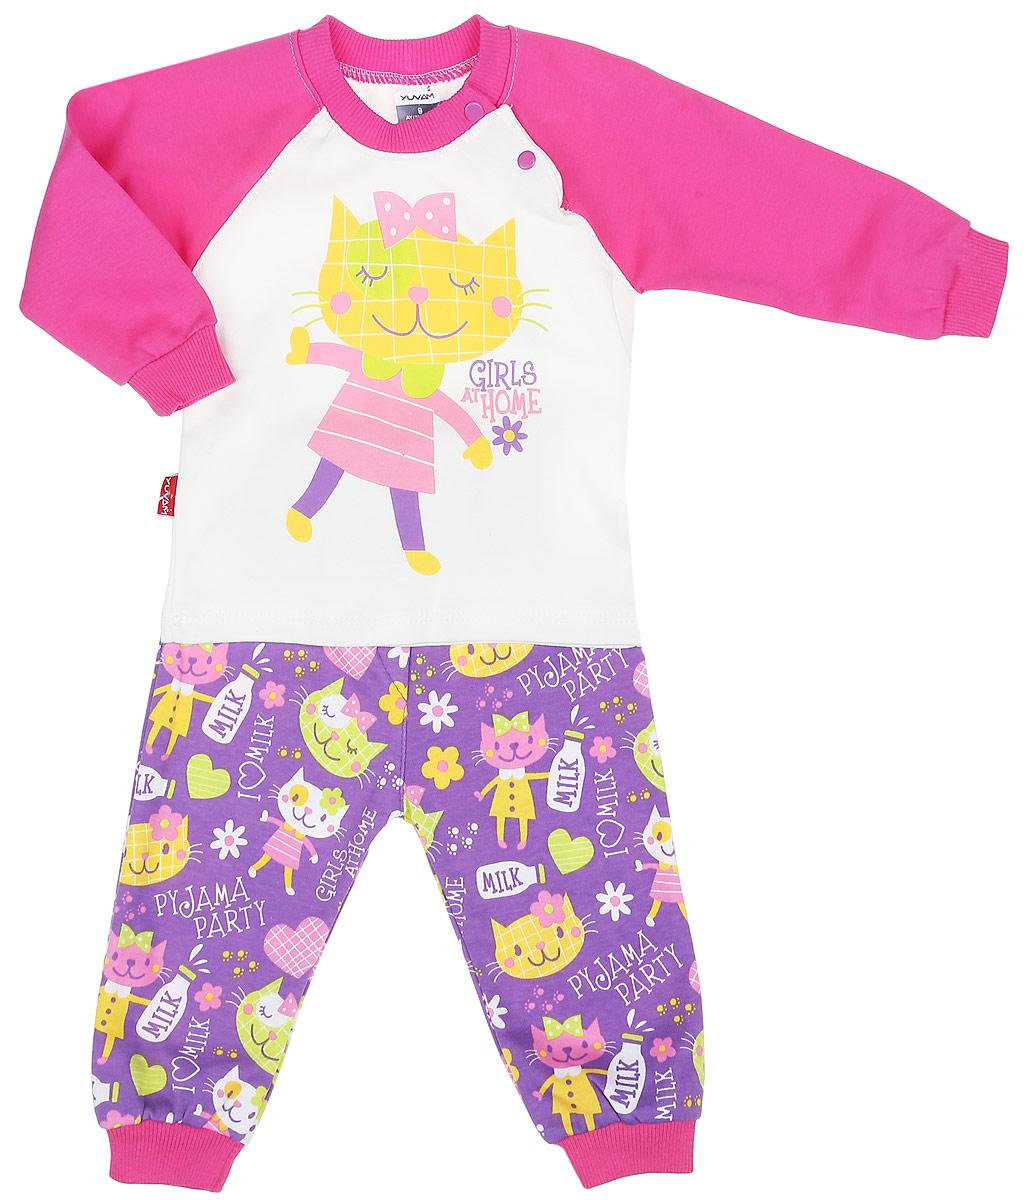 Комплект одежды1343_6Комплект одежды для девочки Yuvam, состоящий из футболки с длинный рукавом и штанишек, станет отличным дополнением к детскому гардеробу. Комплект изготовлен из натурального хлопка, тактильно приятный, не раздражает нежную кожу ребенка и хорошо вентилируется, обеспечивая комфорт. Футболка с круглым вырезом горловины и длинными рукавами-реглан застегивается на кнопки по плечевому шву, что позволит легко переодеть малыша. Вырез горловины дополнен трикотажной резинкой. Штанишки имеют на поясе мягкую эластичную резинку, благодаря чему они не сдавливают животик ребенка и не сползают. На брючинах предусмотрены манжеты. Оформлено изделие ярким принтом. В таком комплекте ребенок всегда будет в центре внимания!